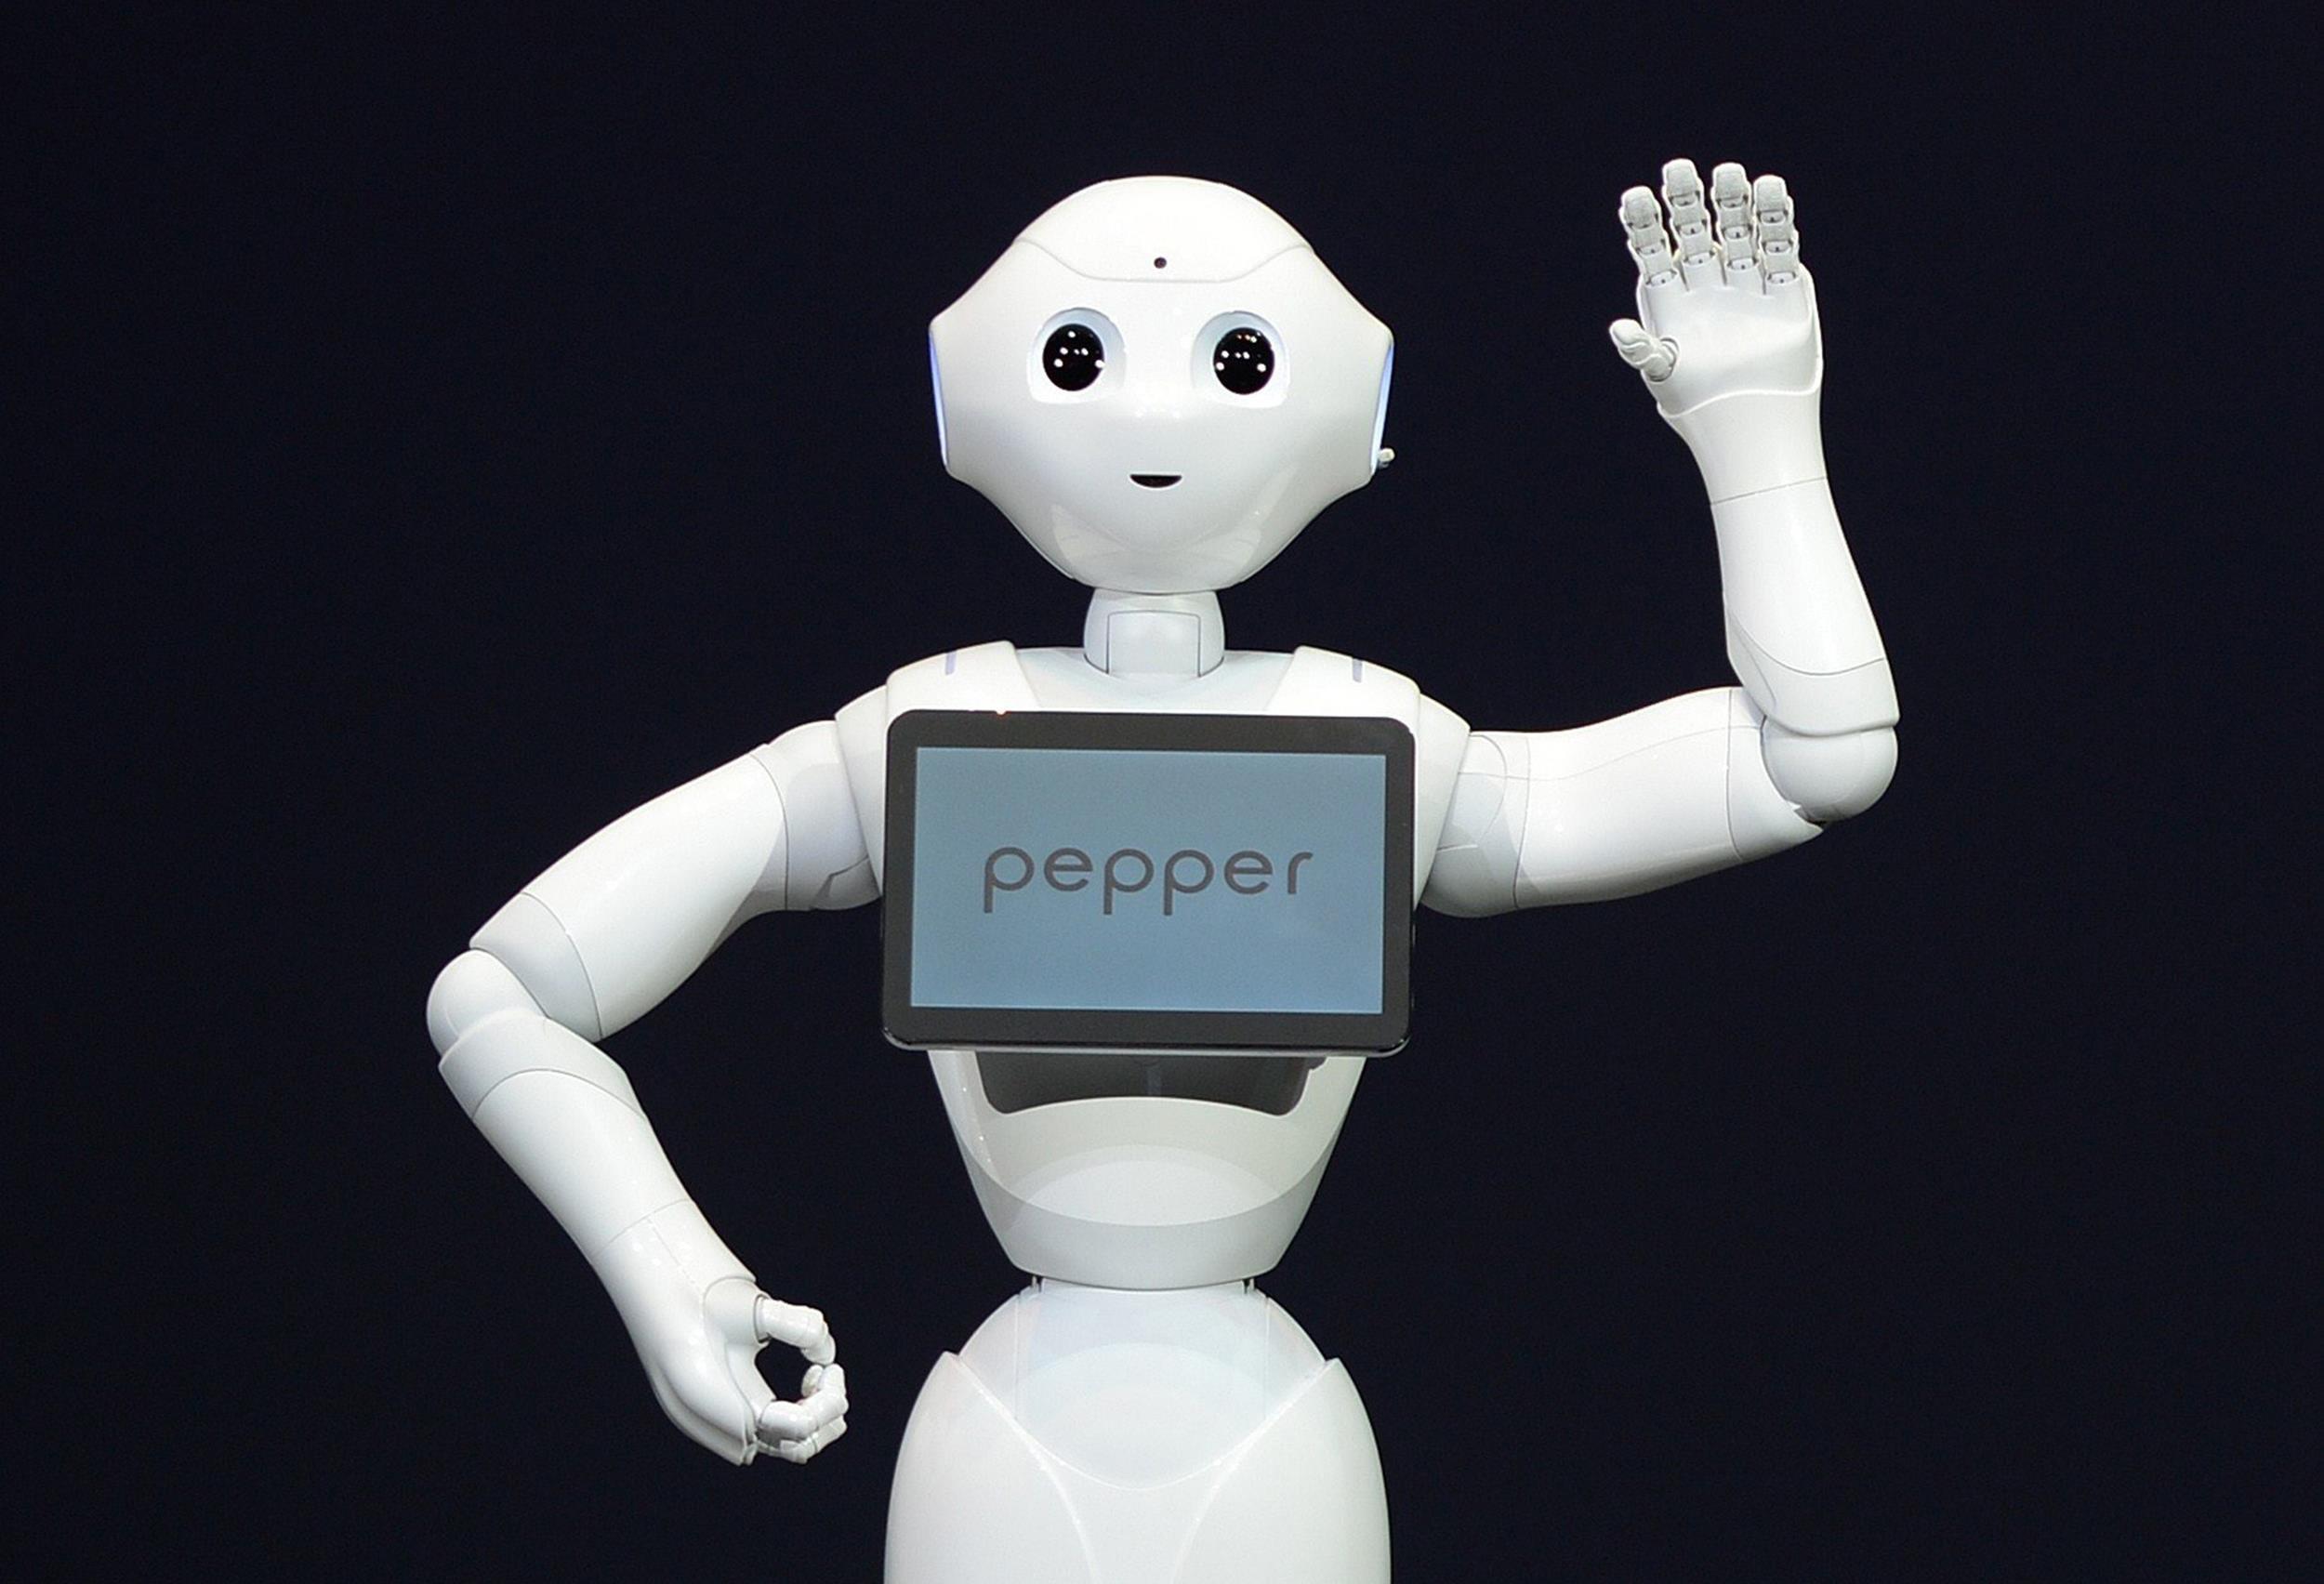 pepper, robot, enfermos, ayuda